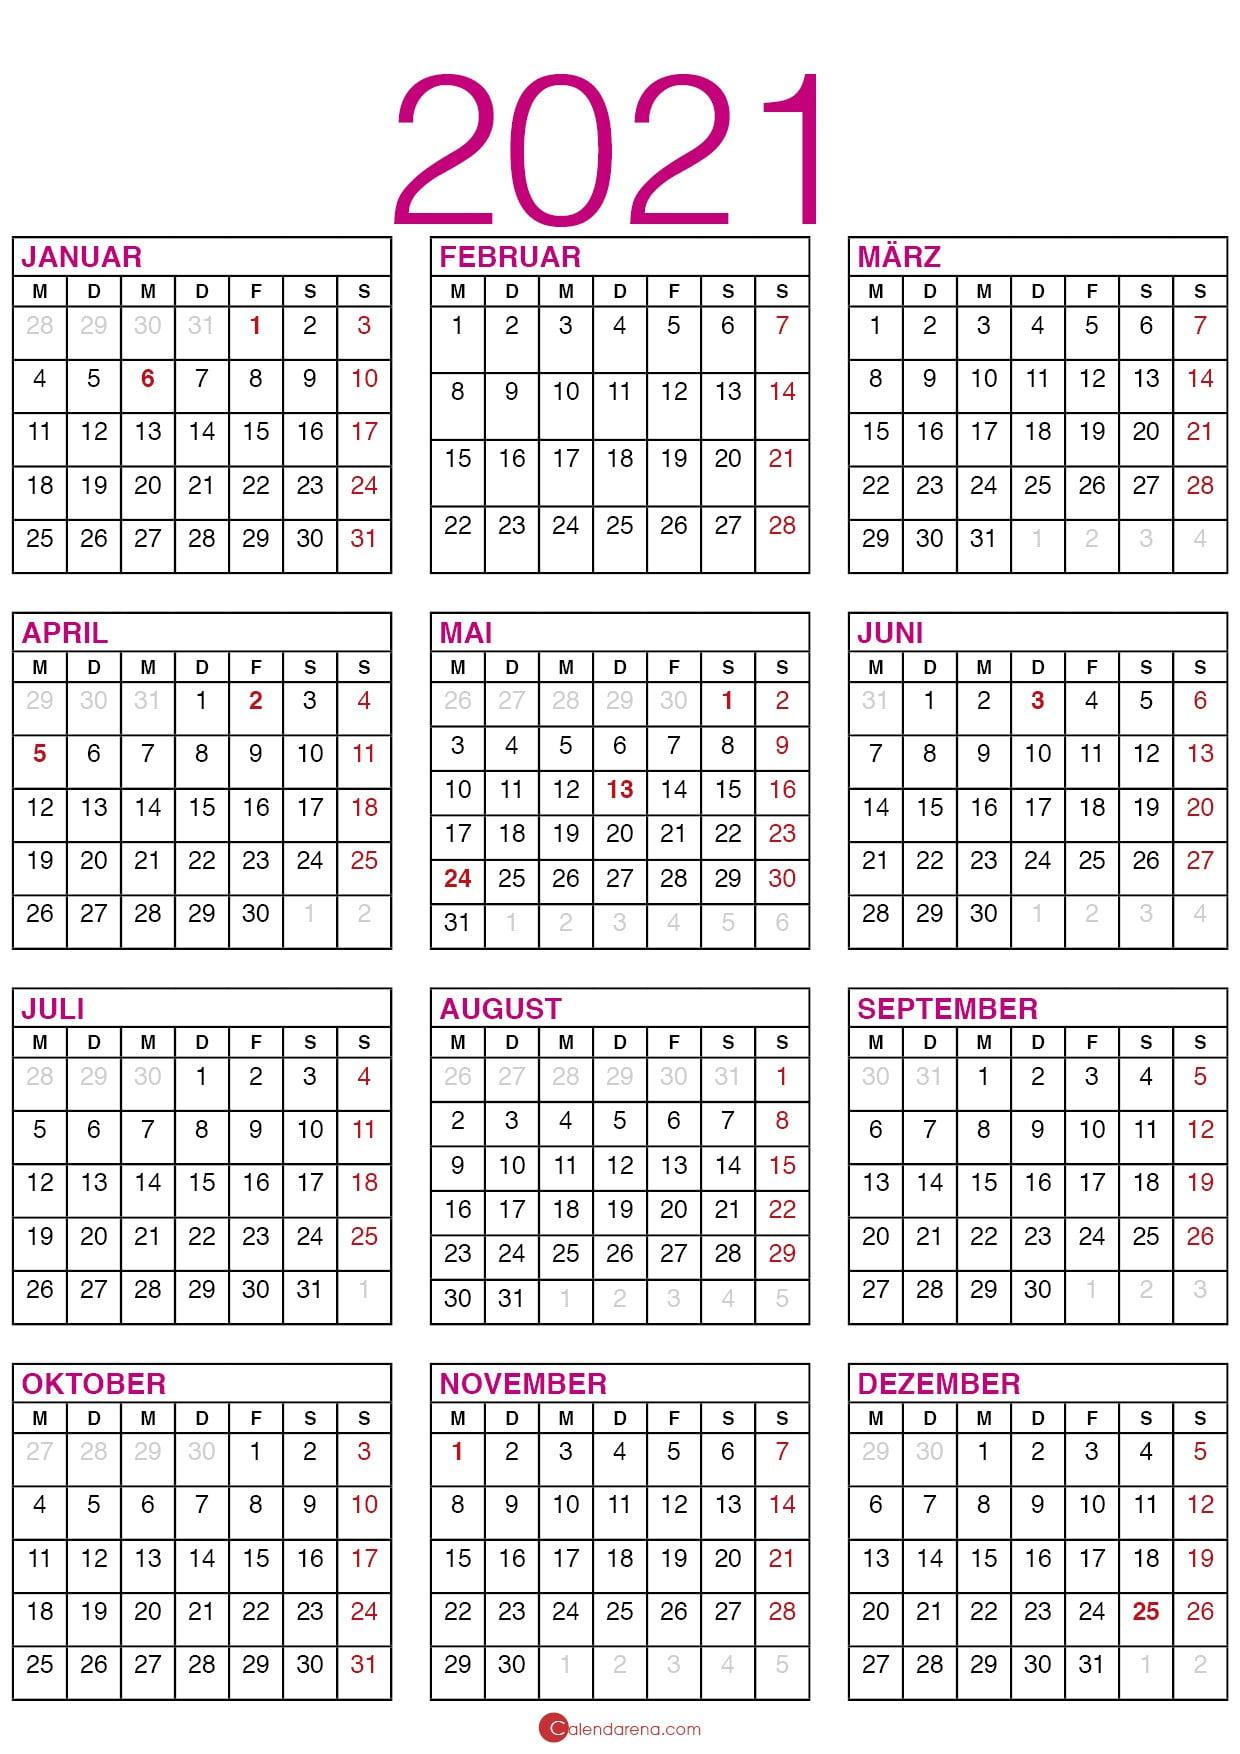 Kalender 2021 Mit Kalenderwochen Und Feiertagen 🇩🇪